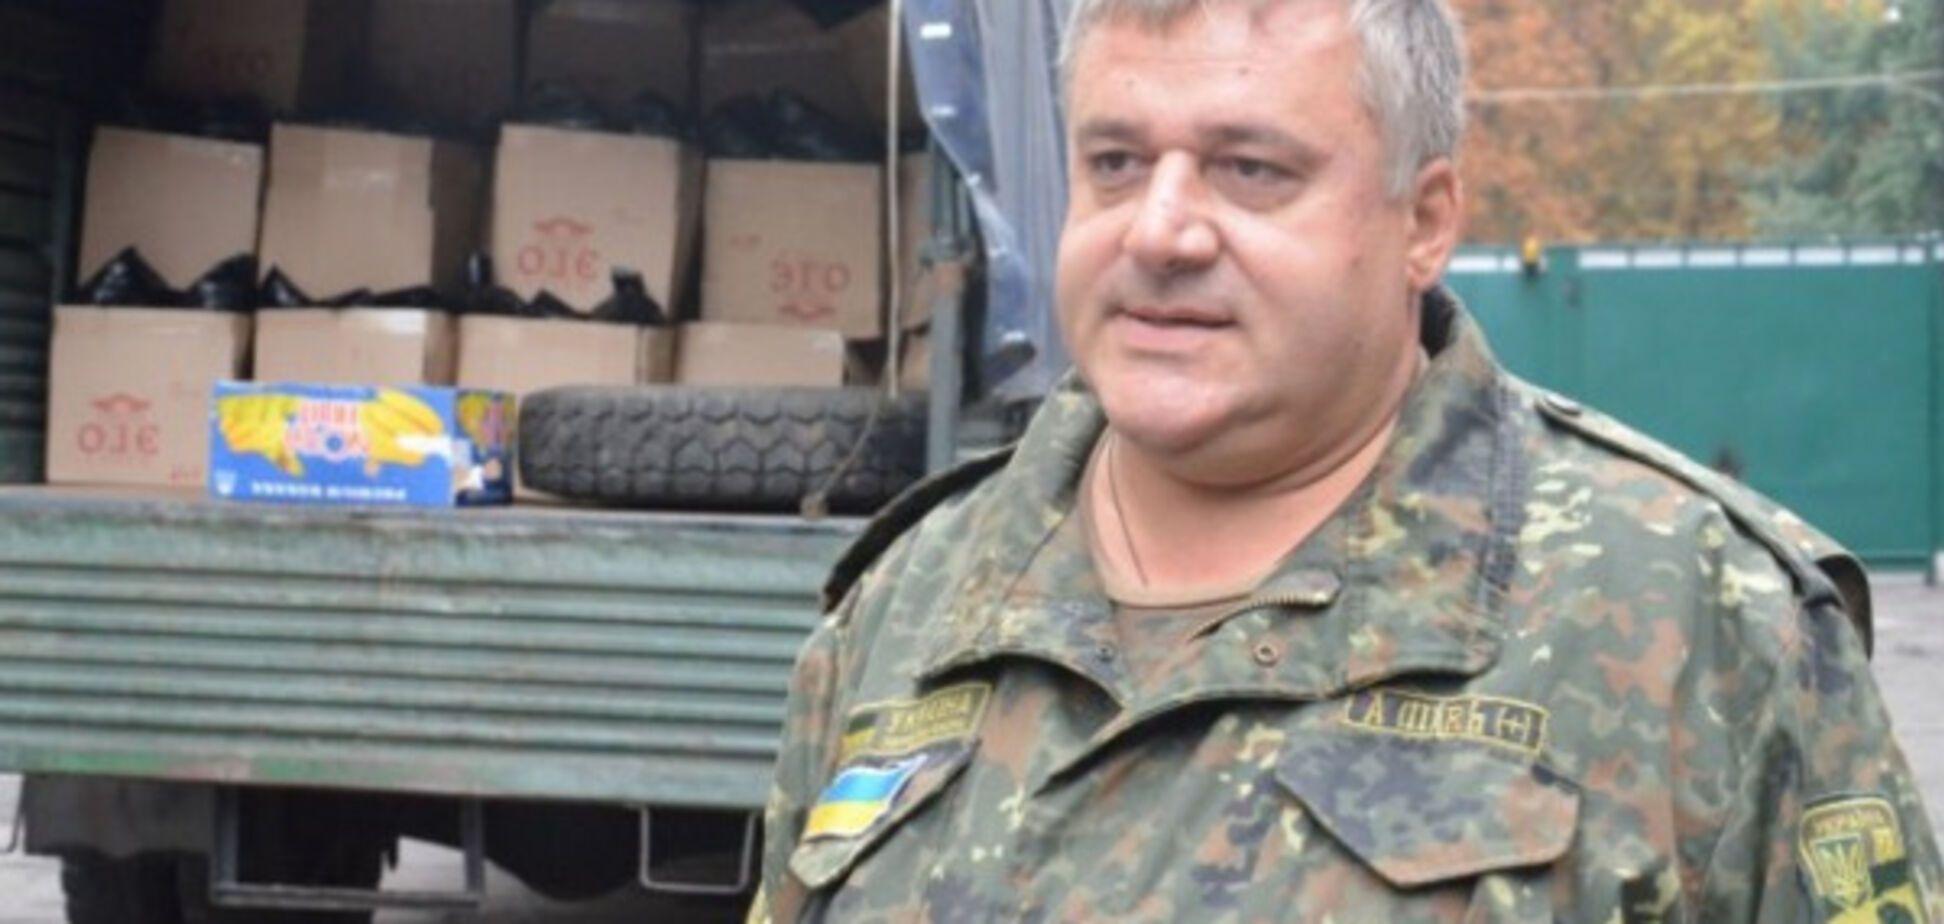 Едмонд Саакян, потерпілий, Дніпро, стрілянина